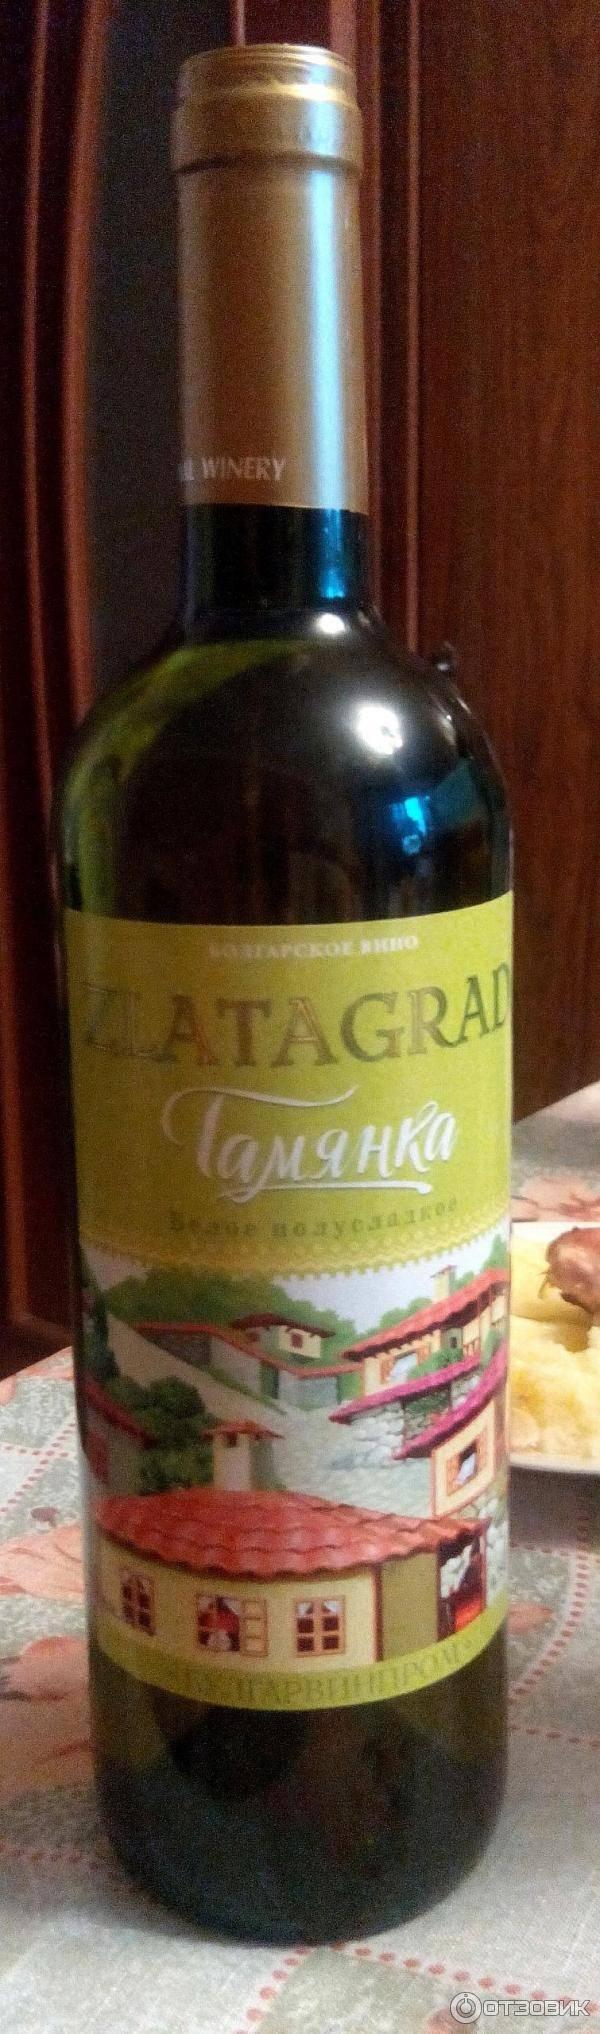 Лучшие вина болгарии — история алкоголя